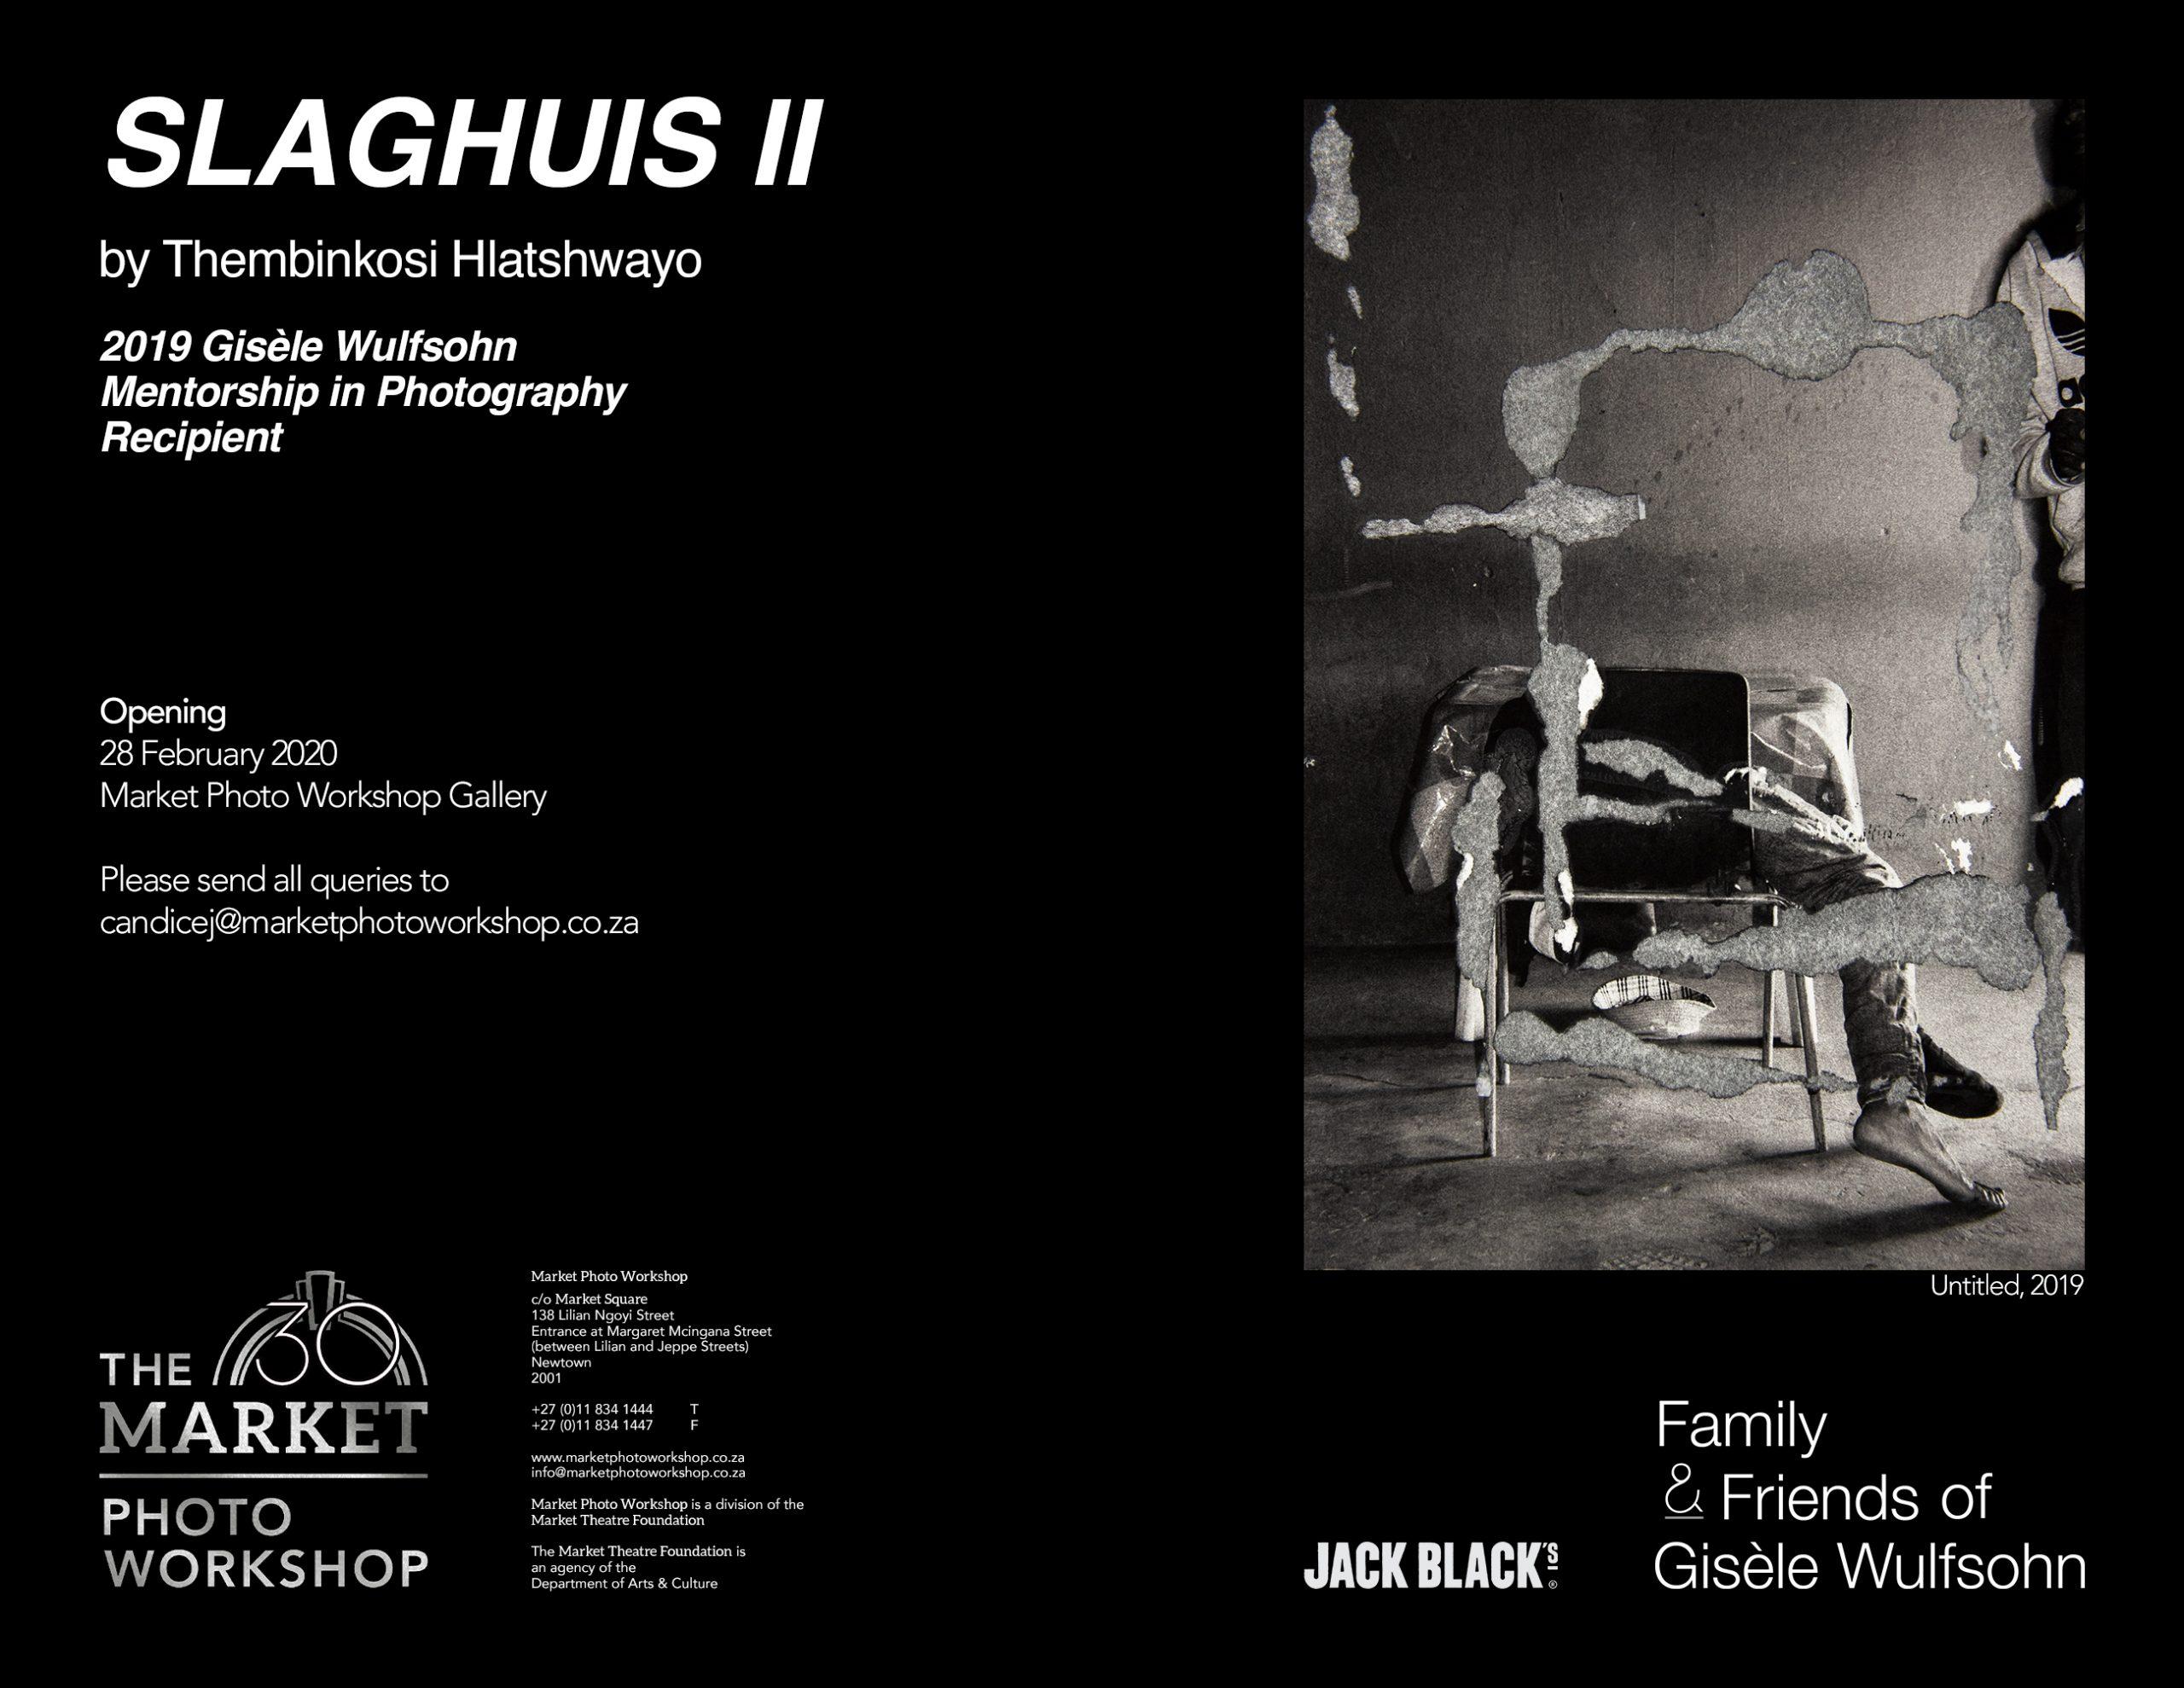 slaghuis-ii-invitation-3